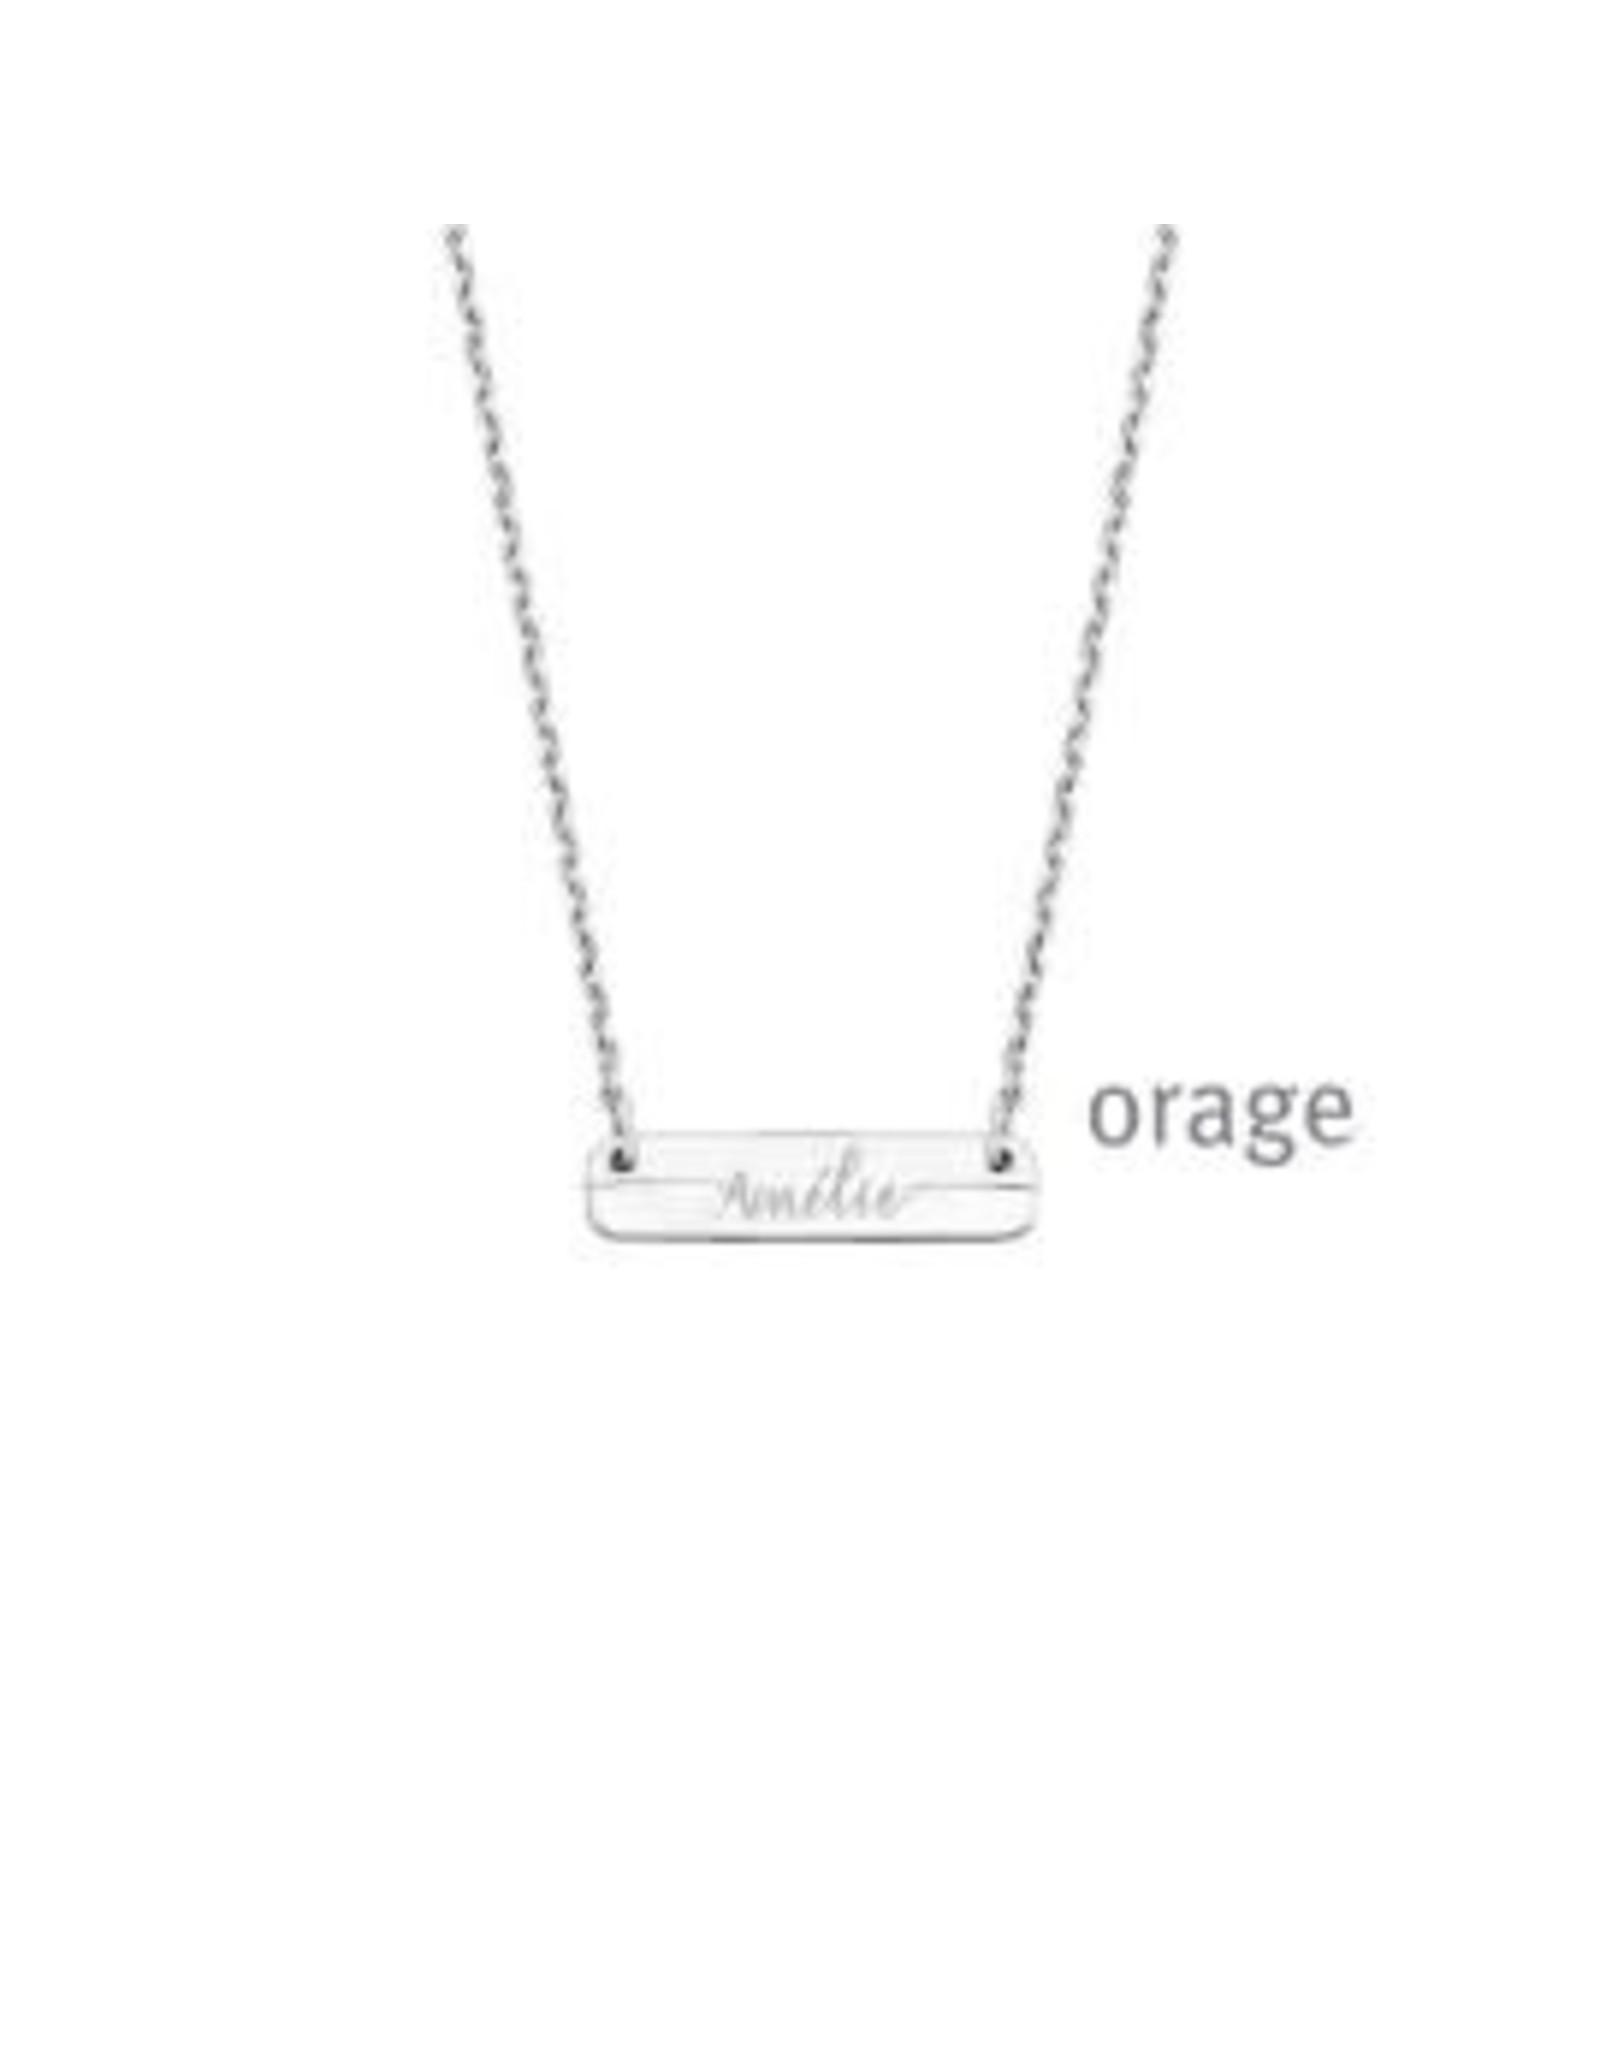 Orage Halsketting Orage AR205 Zilver Plaatje rechthoek met gravure